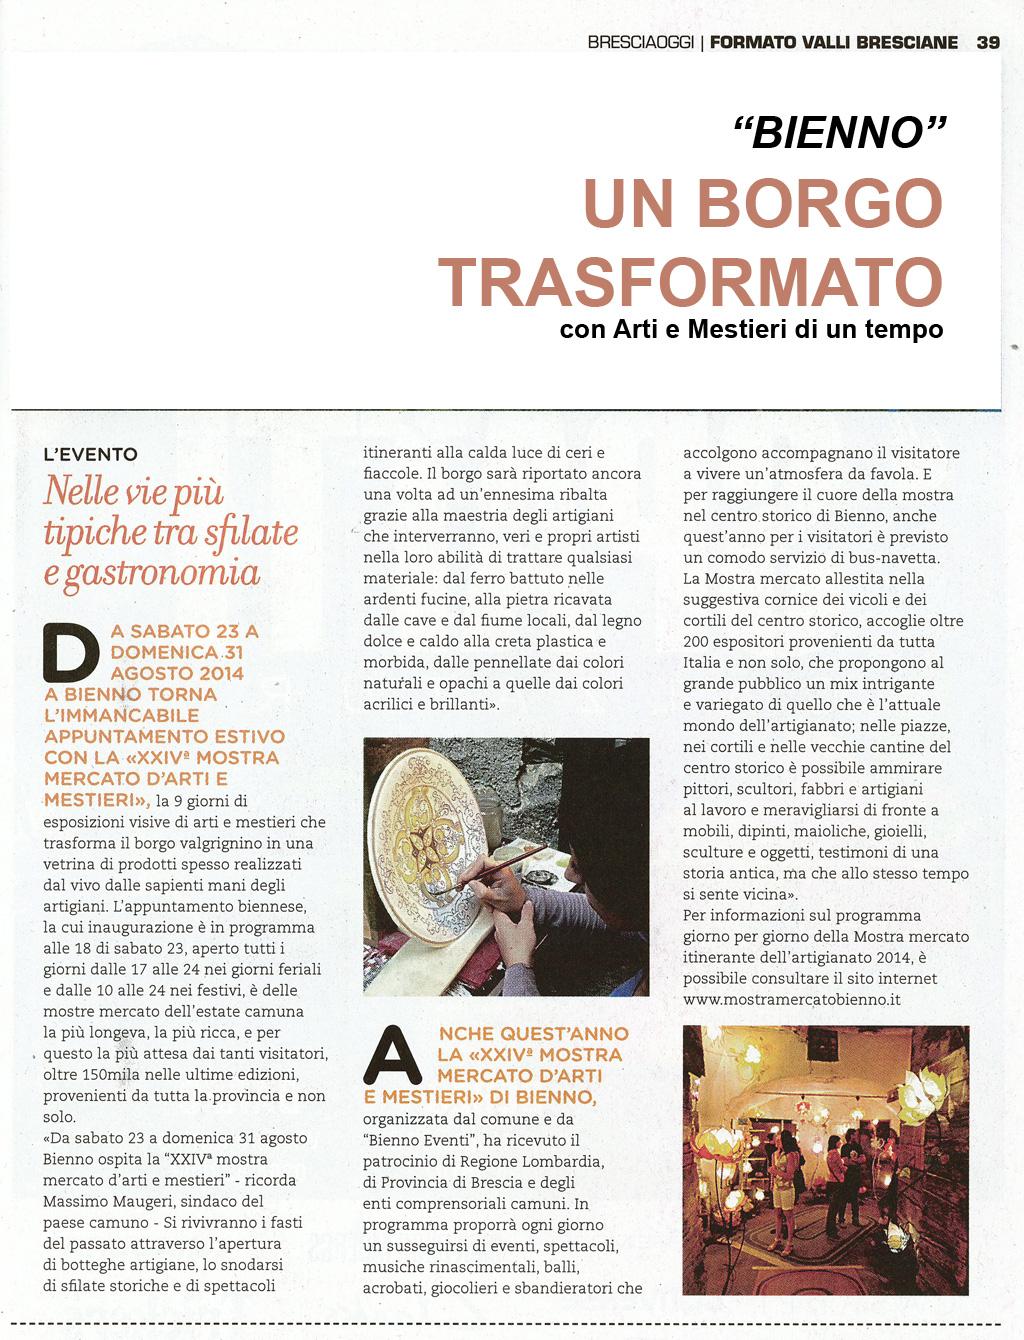 Bresciaoggi -  Inserto luglio 2014